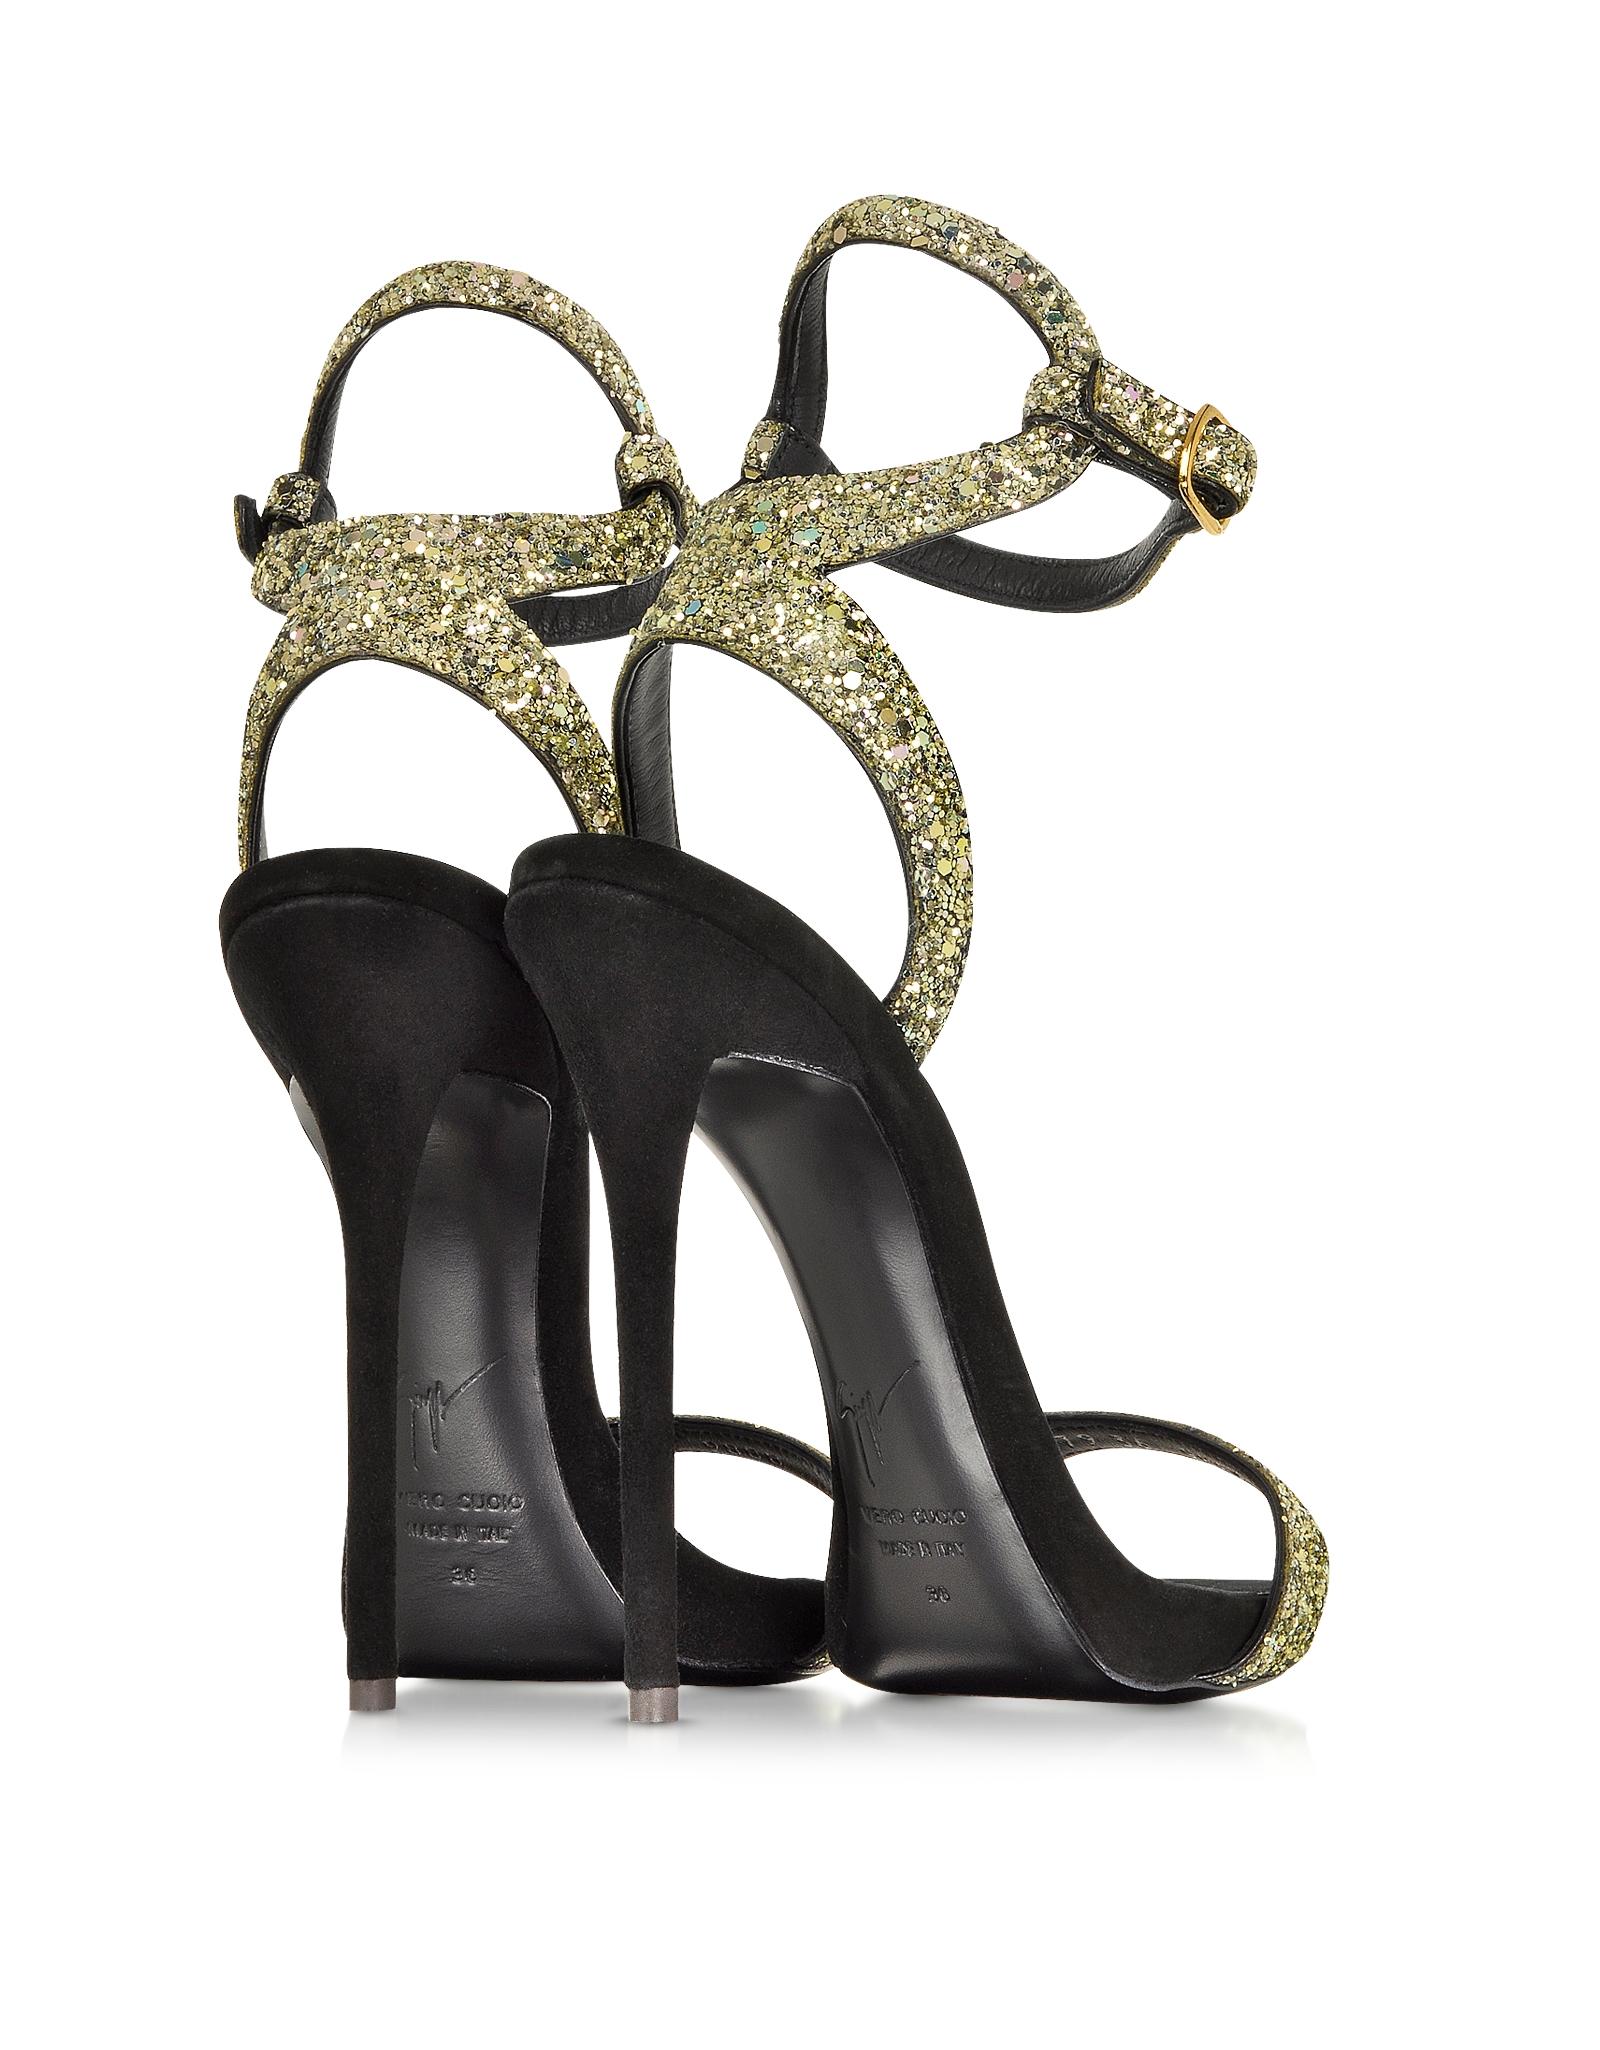 86e7c04619d77 Giuseppe Zanotti Gold Glitter Ankle Strap Sandal in Black - Lyst